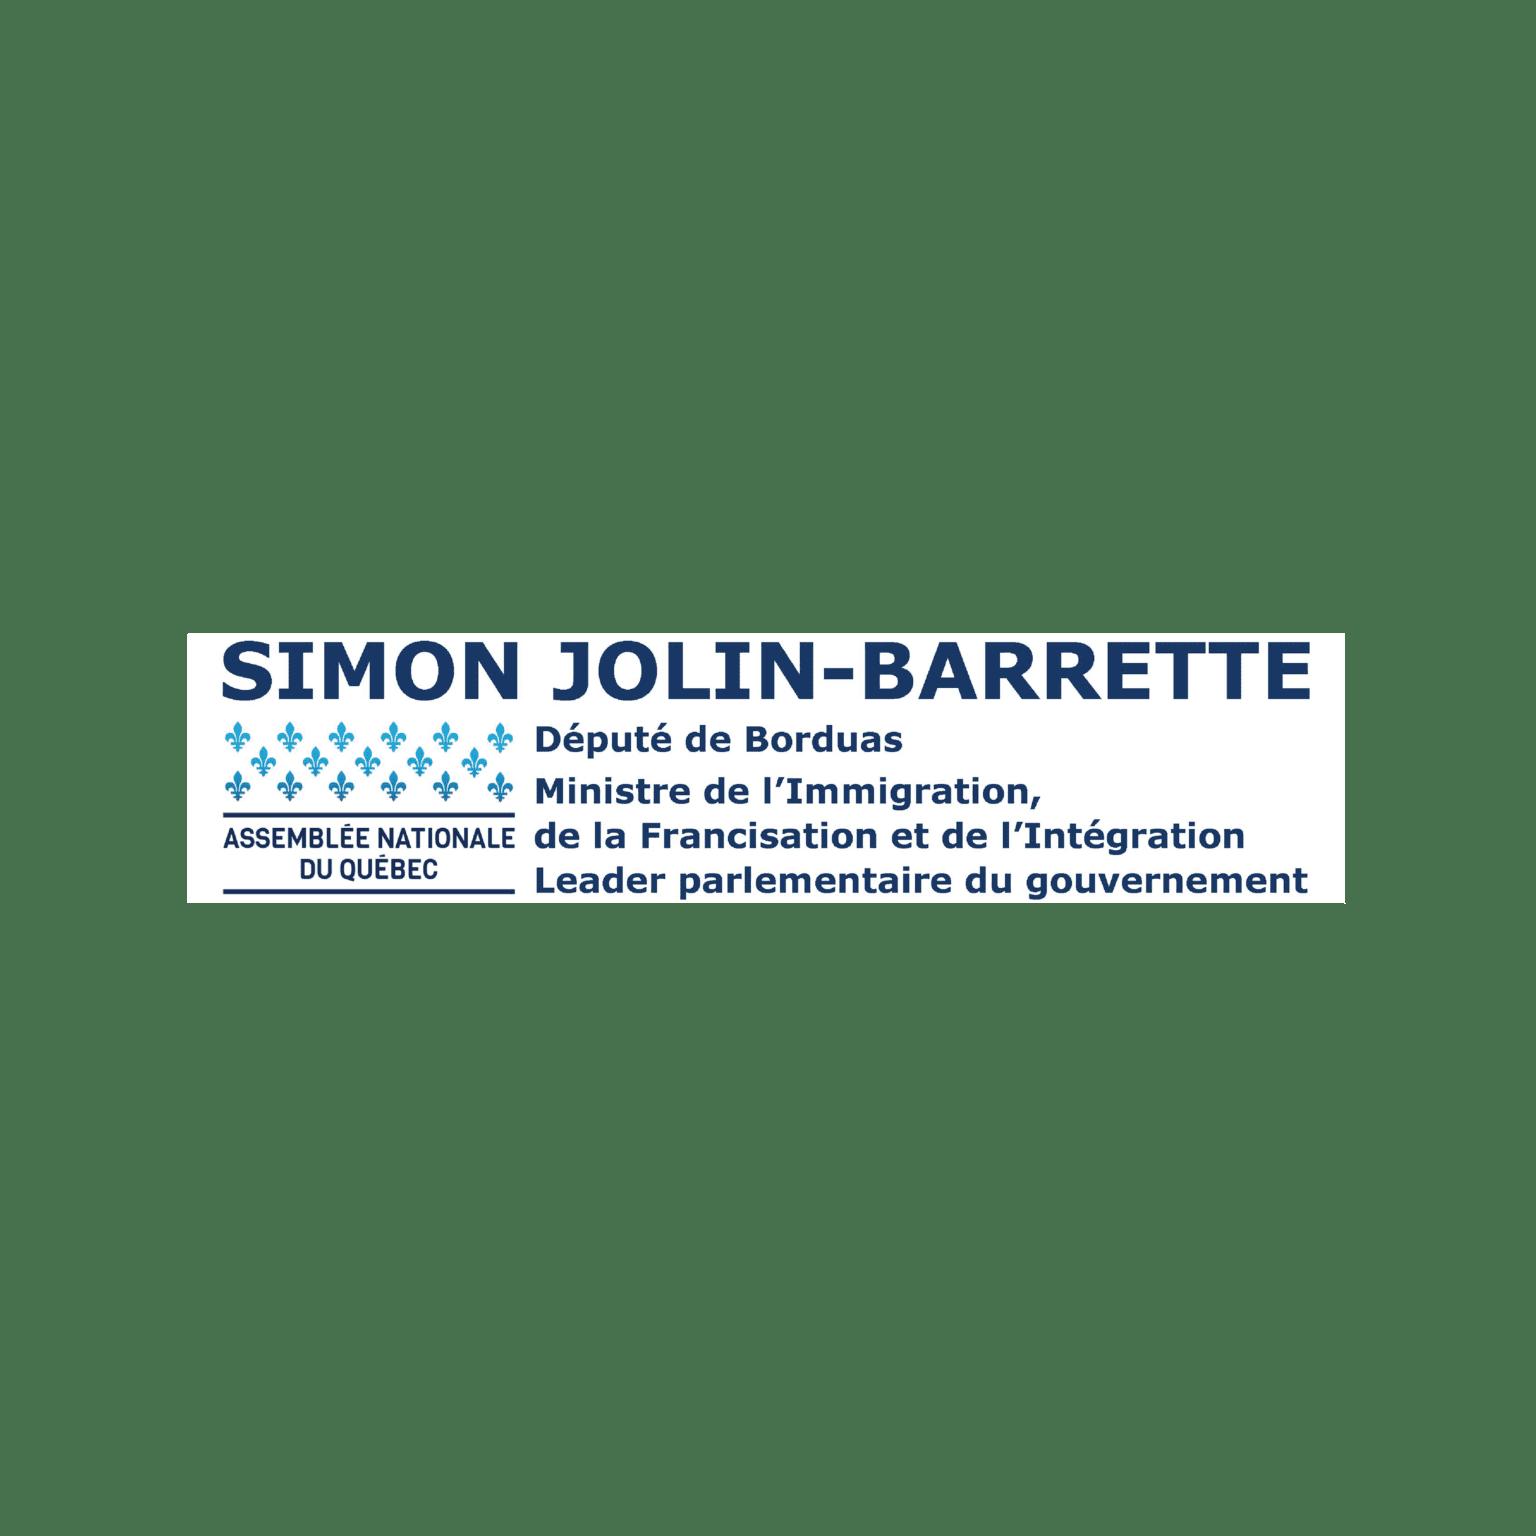 SimonJolinBarrette